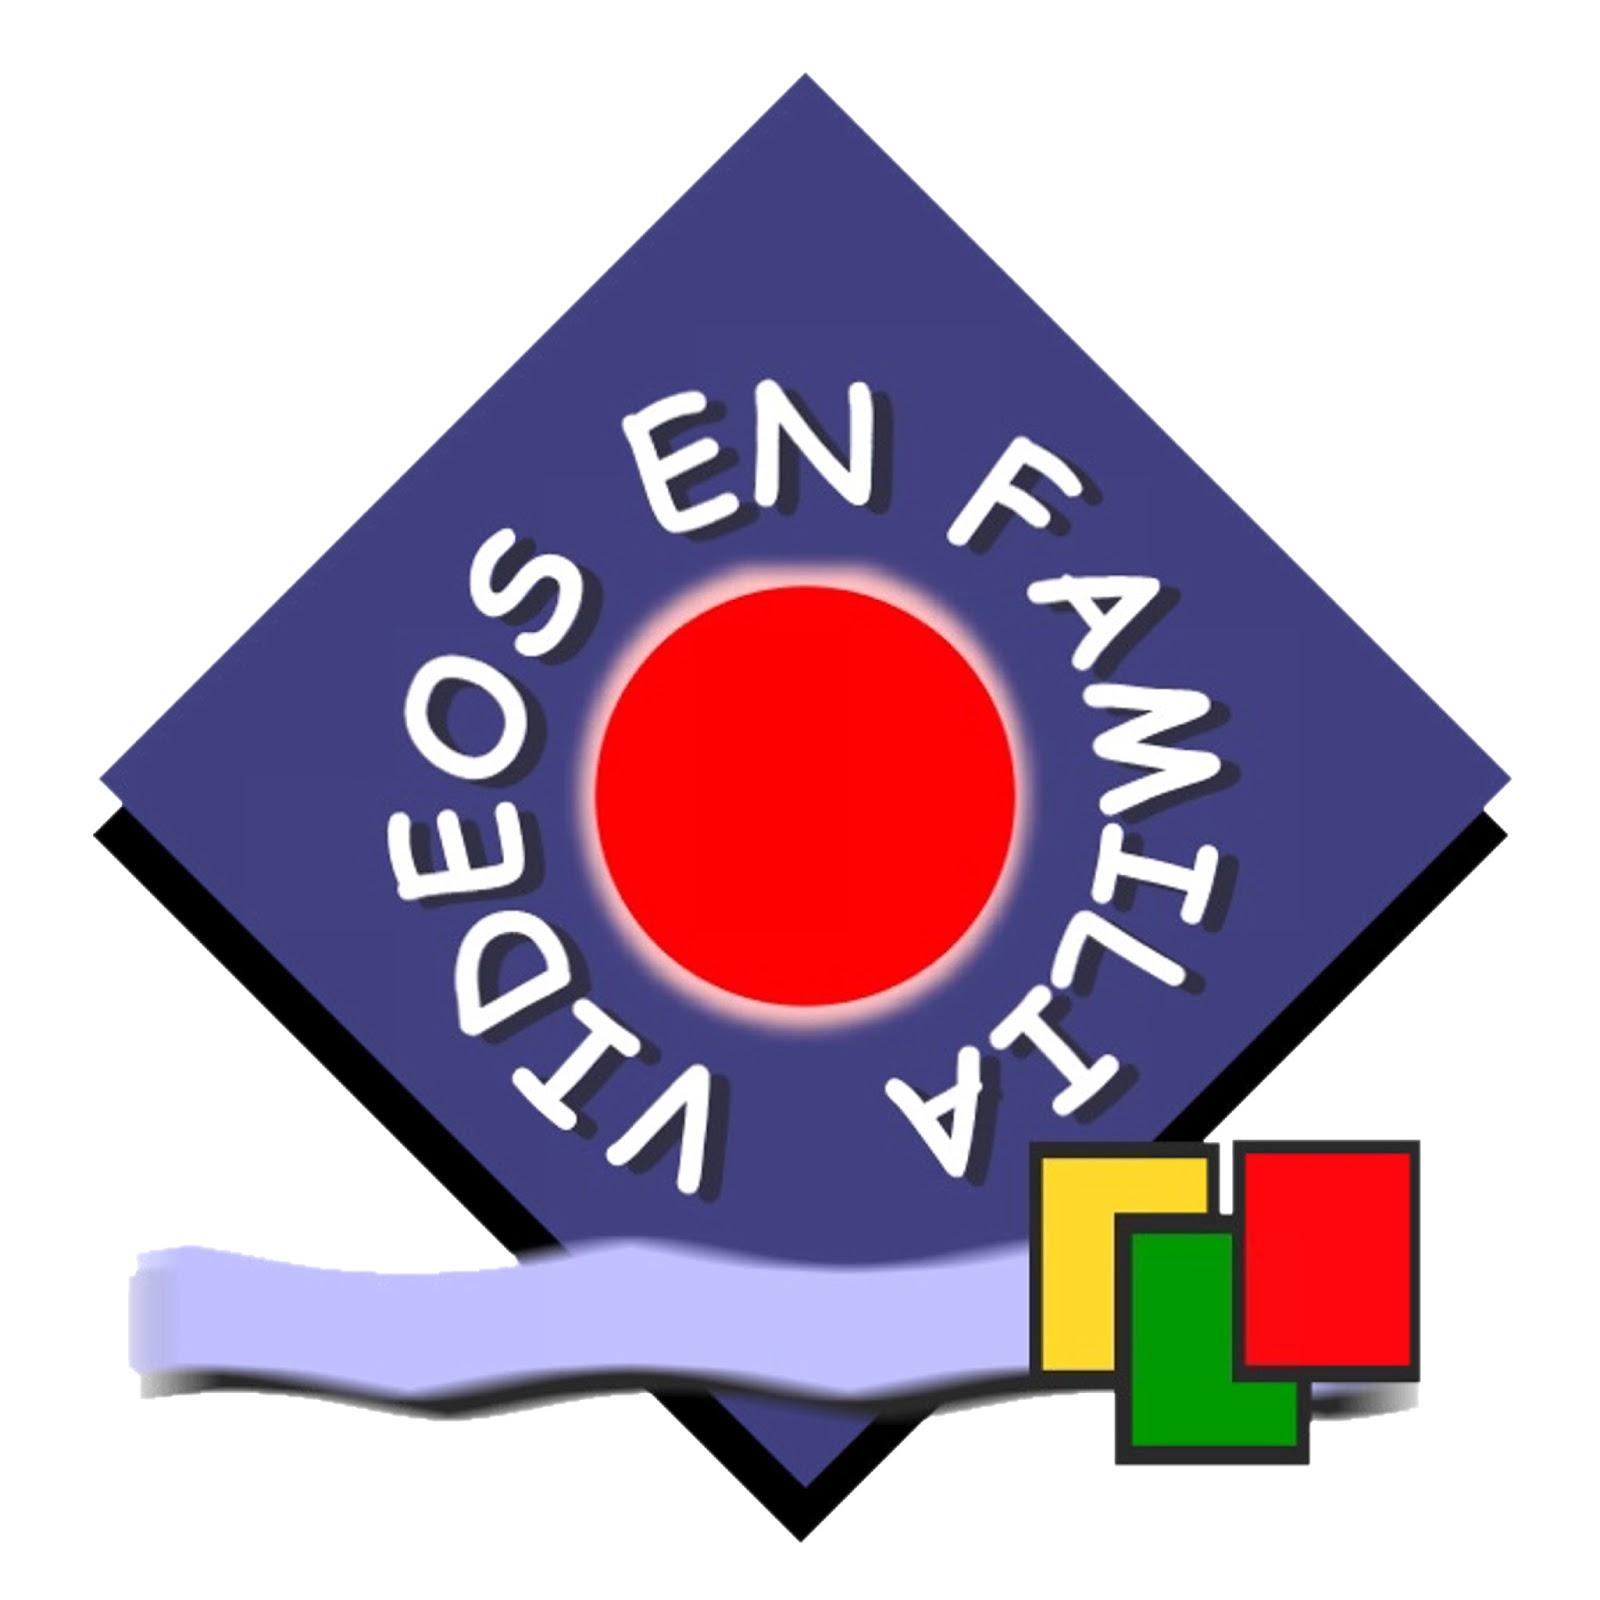 Videos en Familia - logo - Héctor Falagán De Cabo.